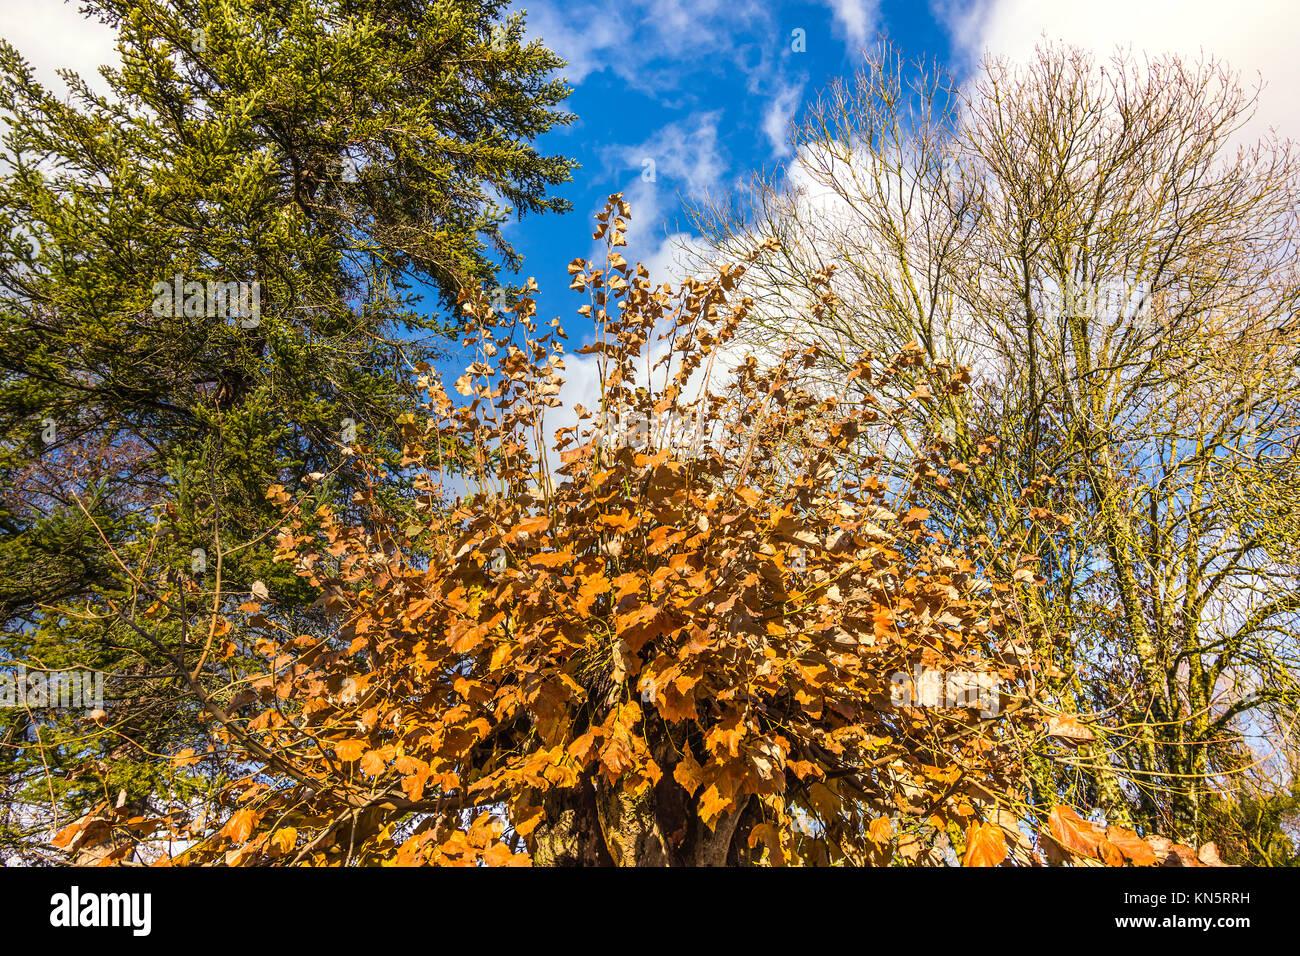 Autumn leaves on pollarded Lime tree. - Stock Image